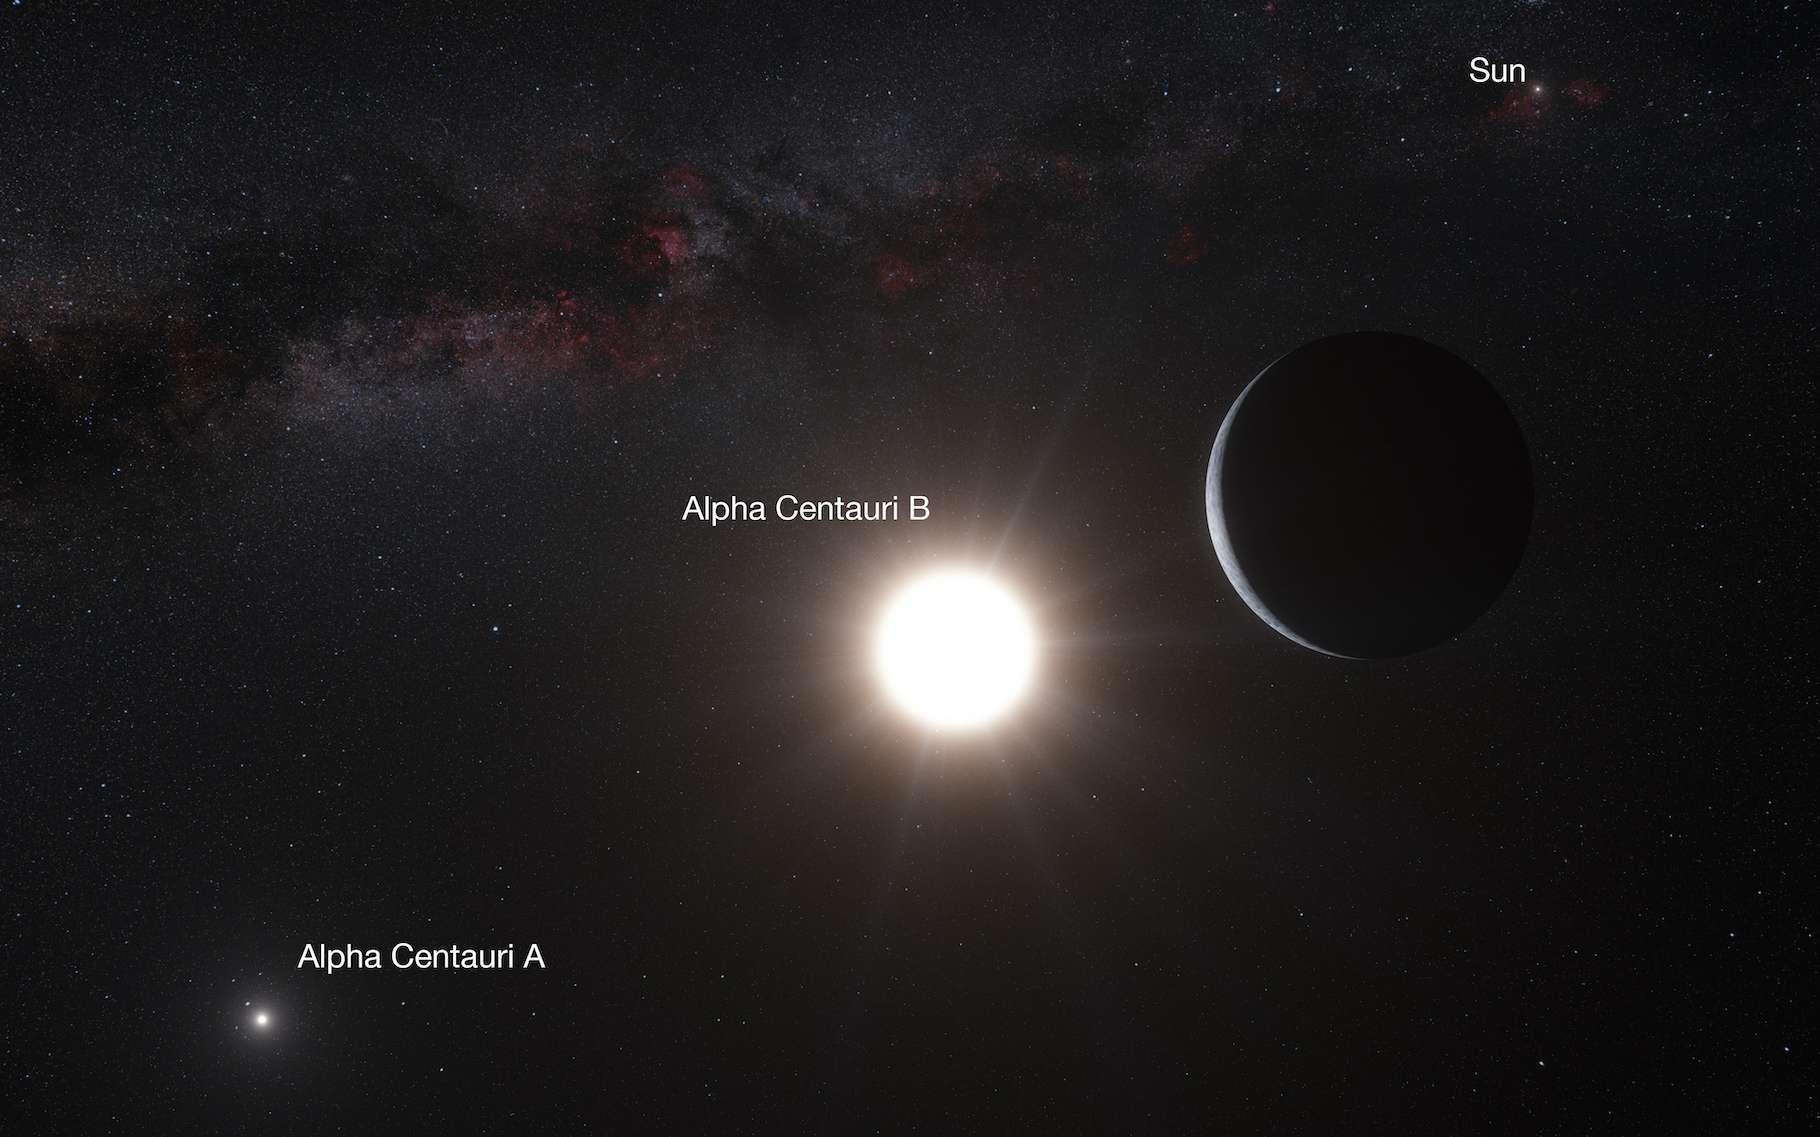 L'hypothètique Alpha du Centaure Bb à 4,3 années-lumière de la Terre. © ESO